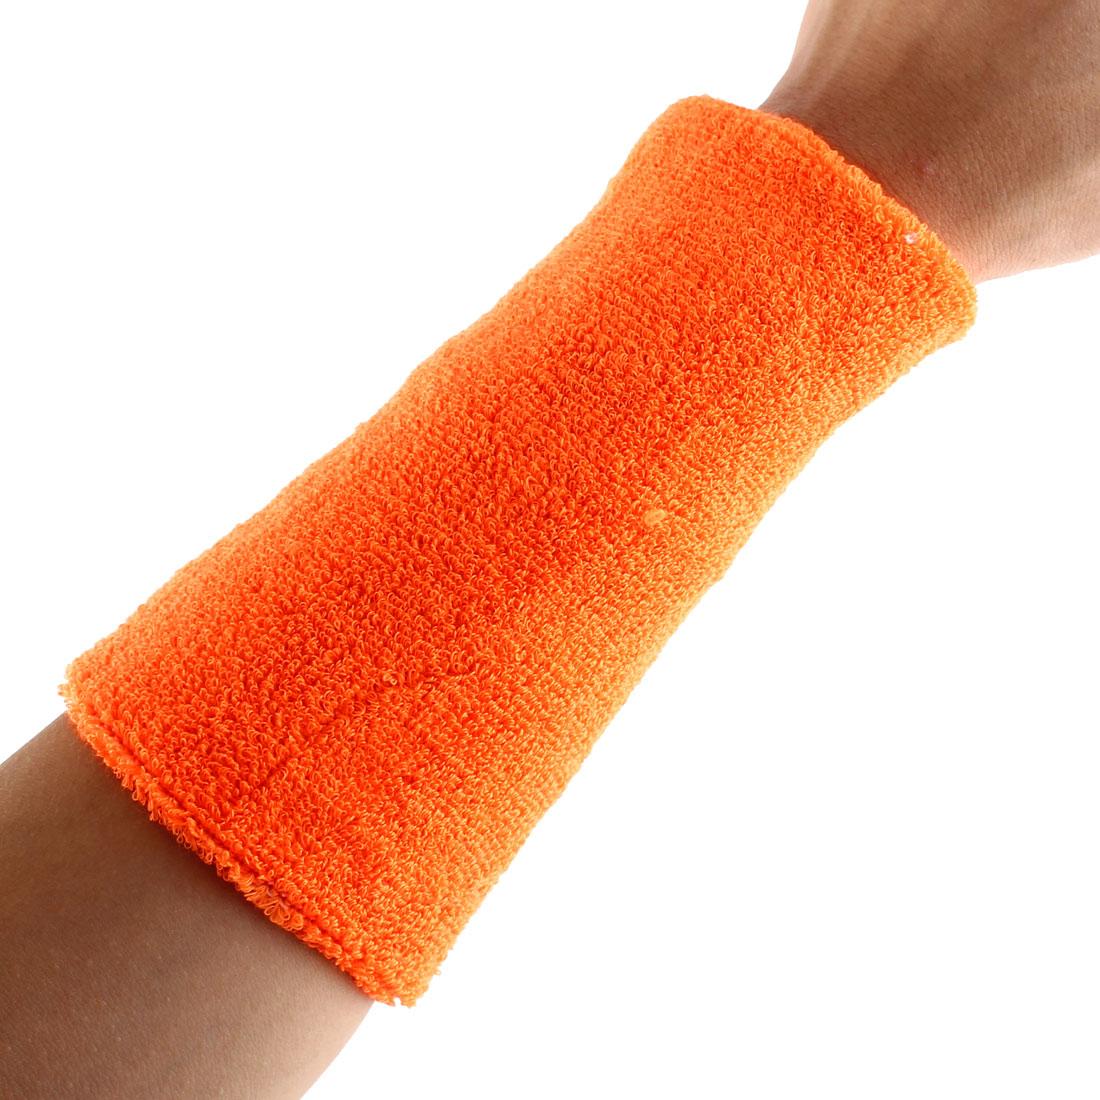 Exercises Basketball Running Hand Support Bandage Sweatband Wristband Sport Wrist Orange 15cm Long 2pcs